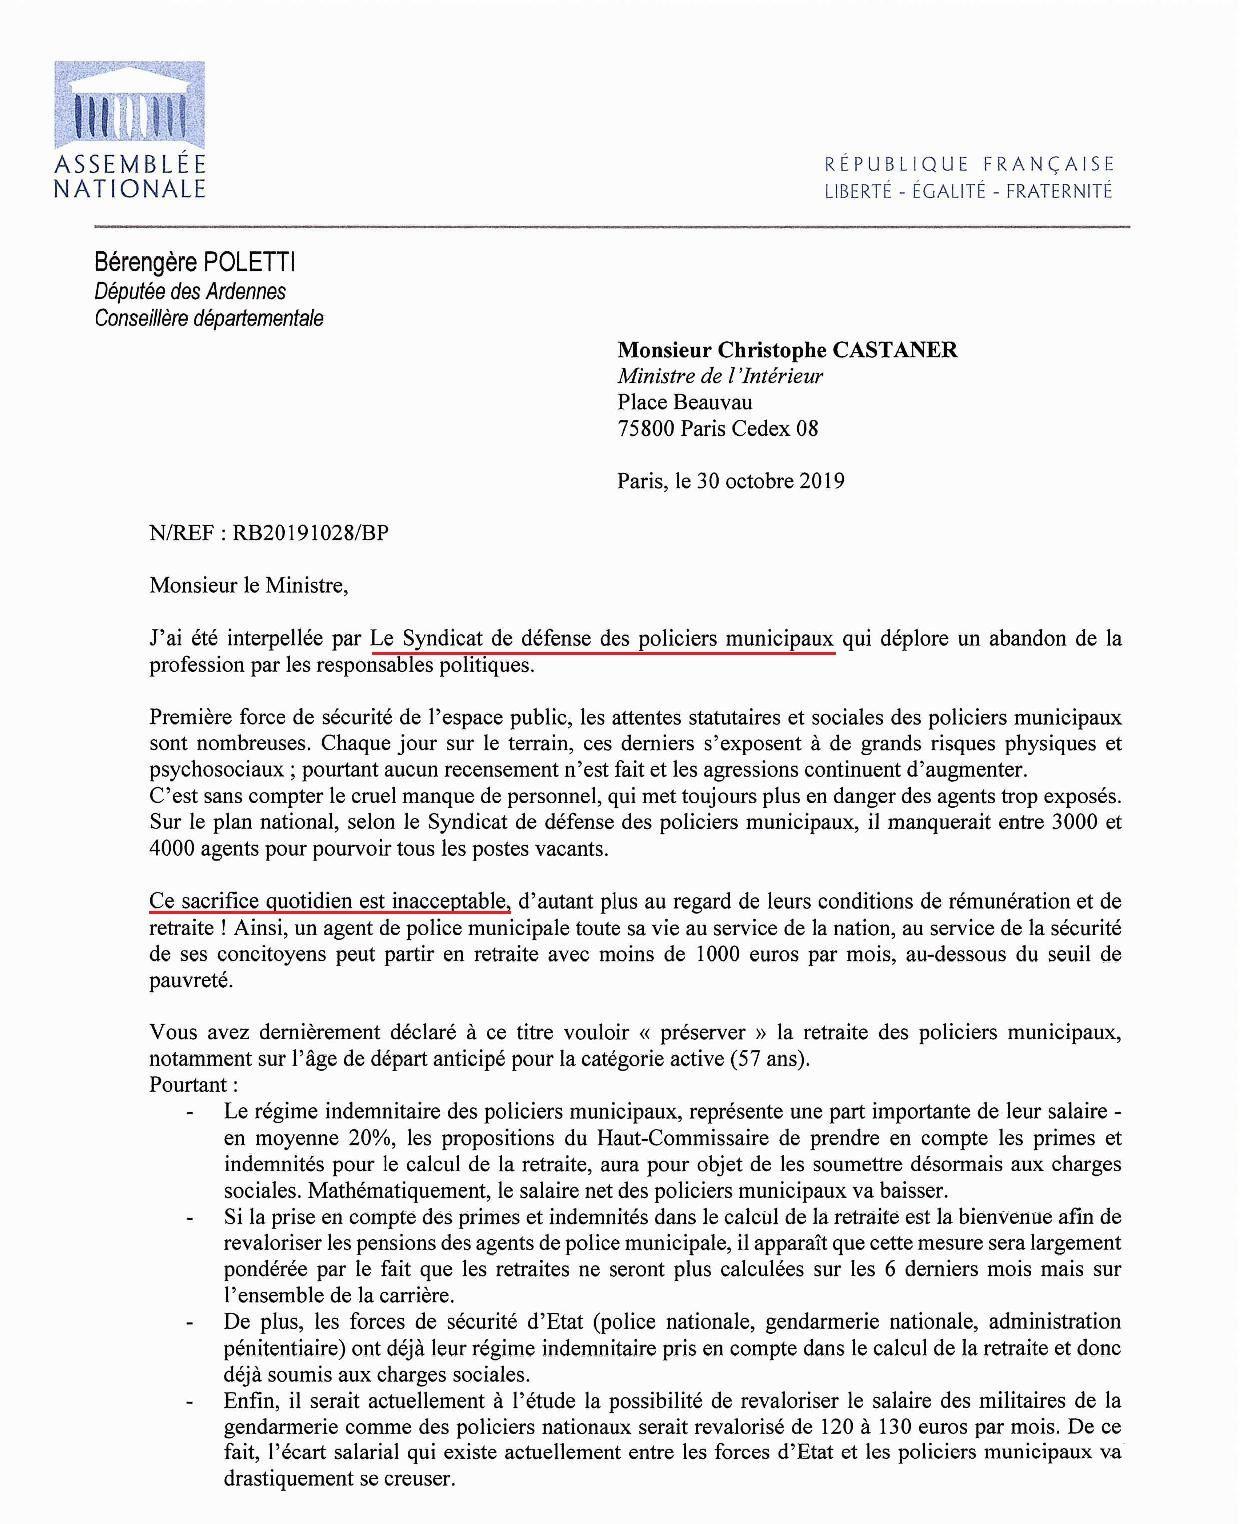 Enorme soutien de Mme la Députée Bérengère POLETTI en faveur des Policiers Municipaux